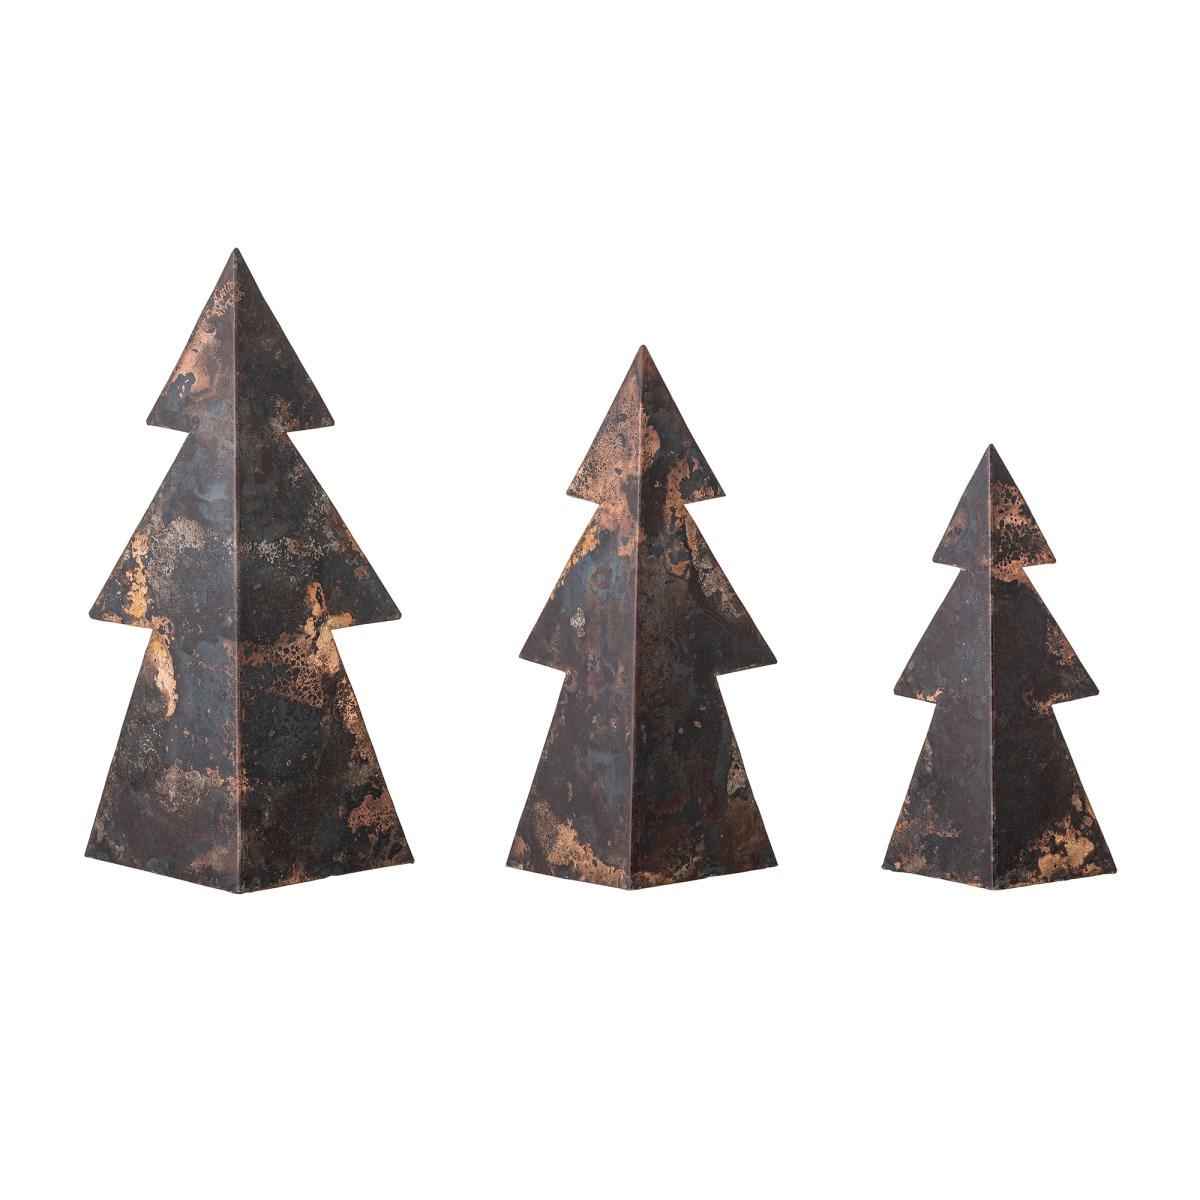 Kovové vánoční stromky Rony, hnědé, SET/3 ks_2